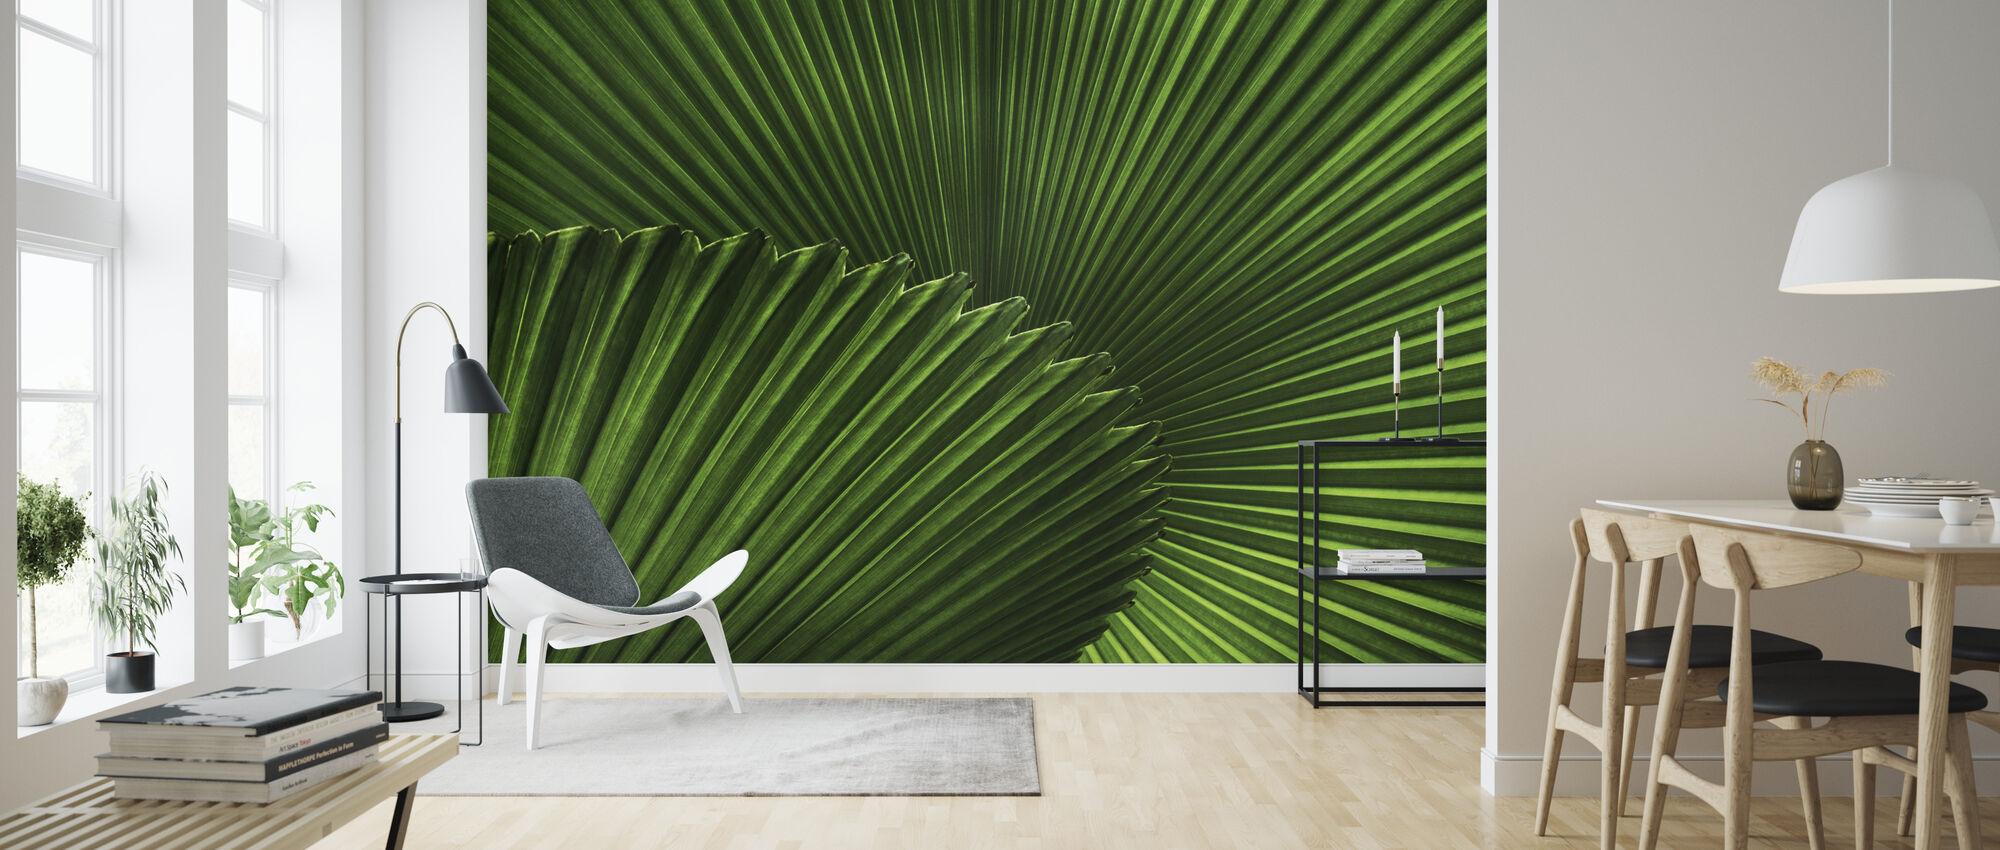 Fan Palm Leaves - Wallpaper - Living Room